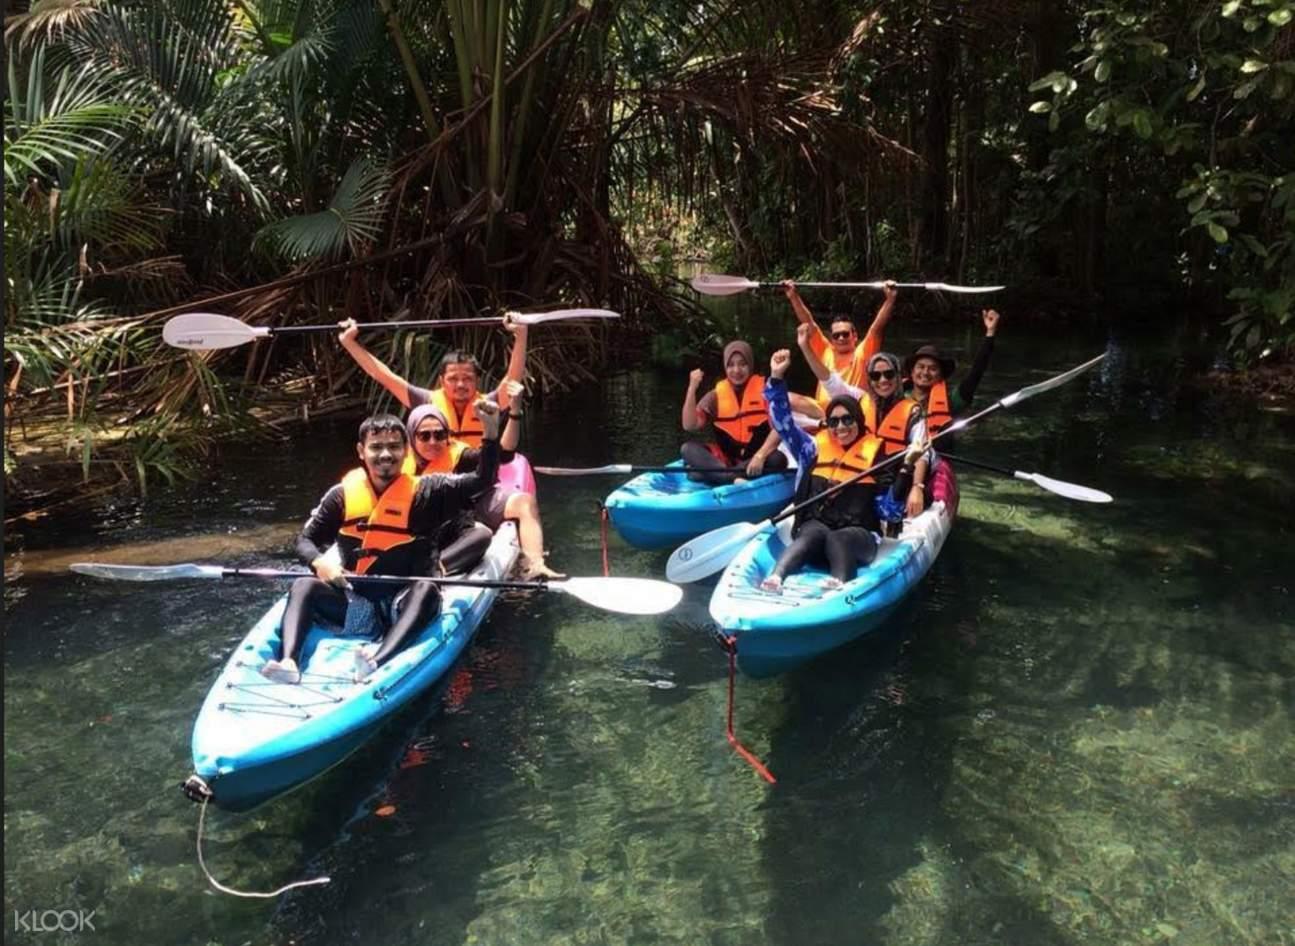 kayaking in krabi thailand, things to do in krabi thailand, water activities in krabi thailand